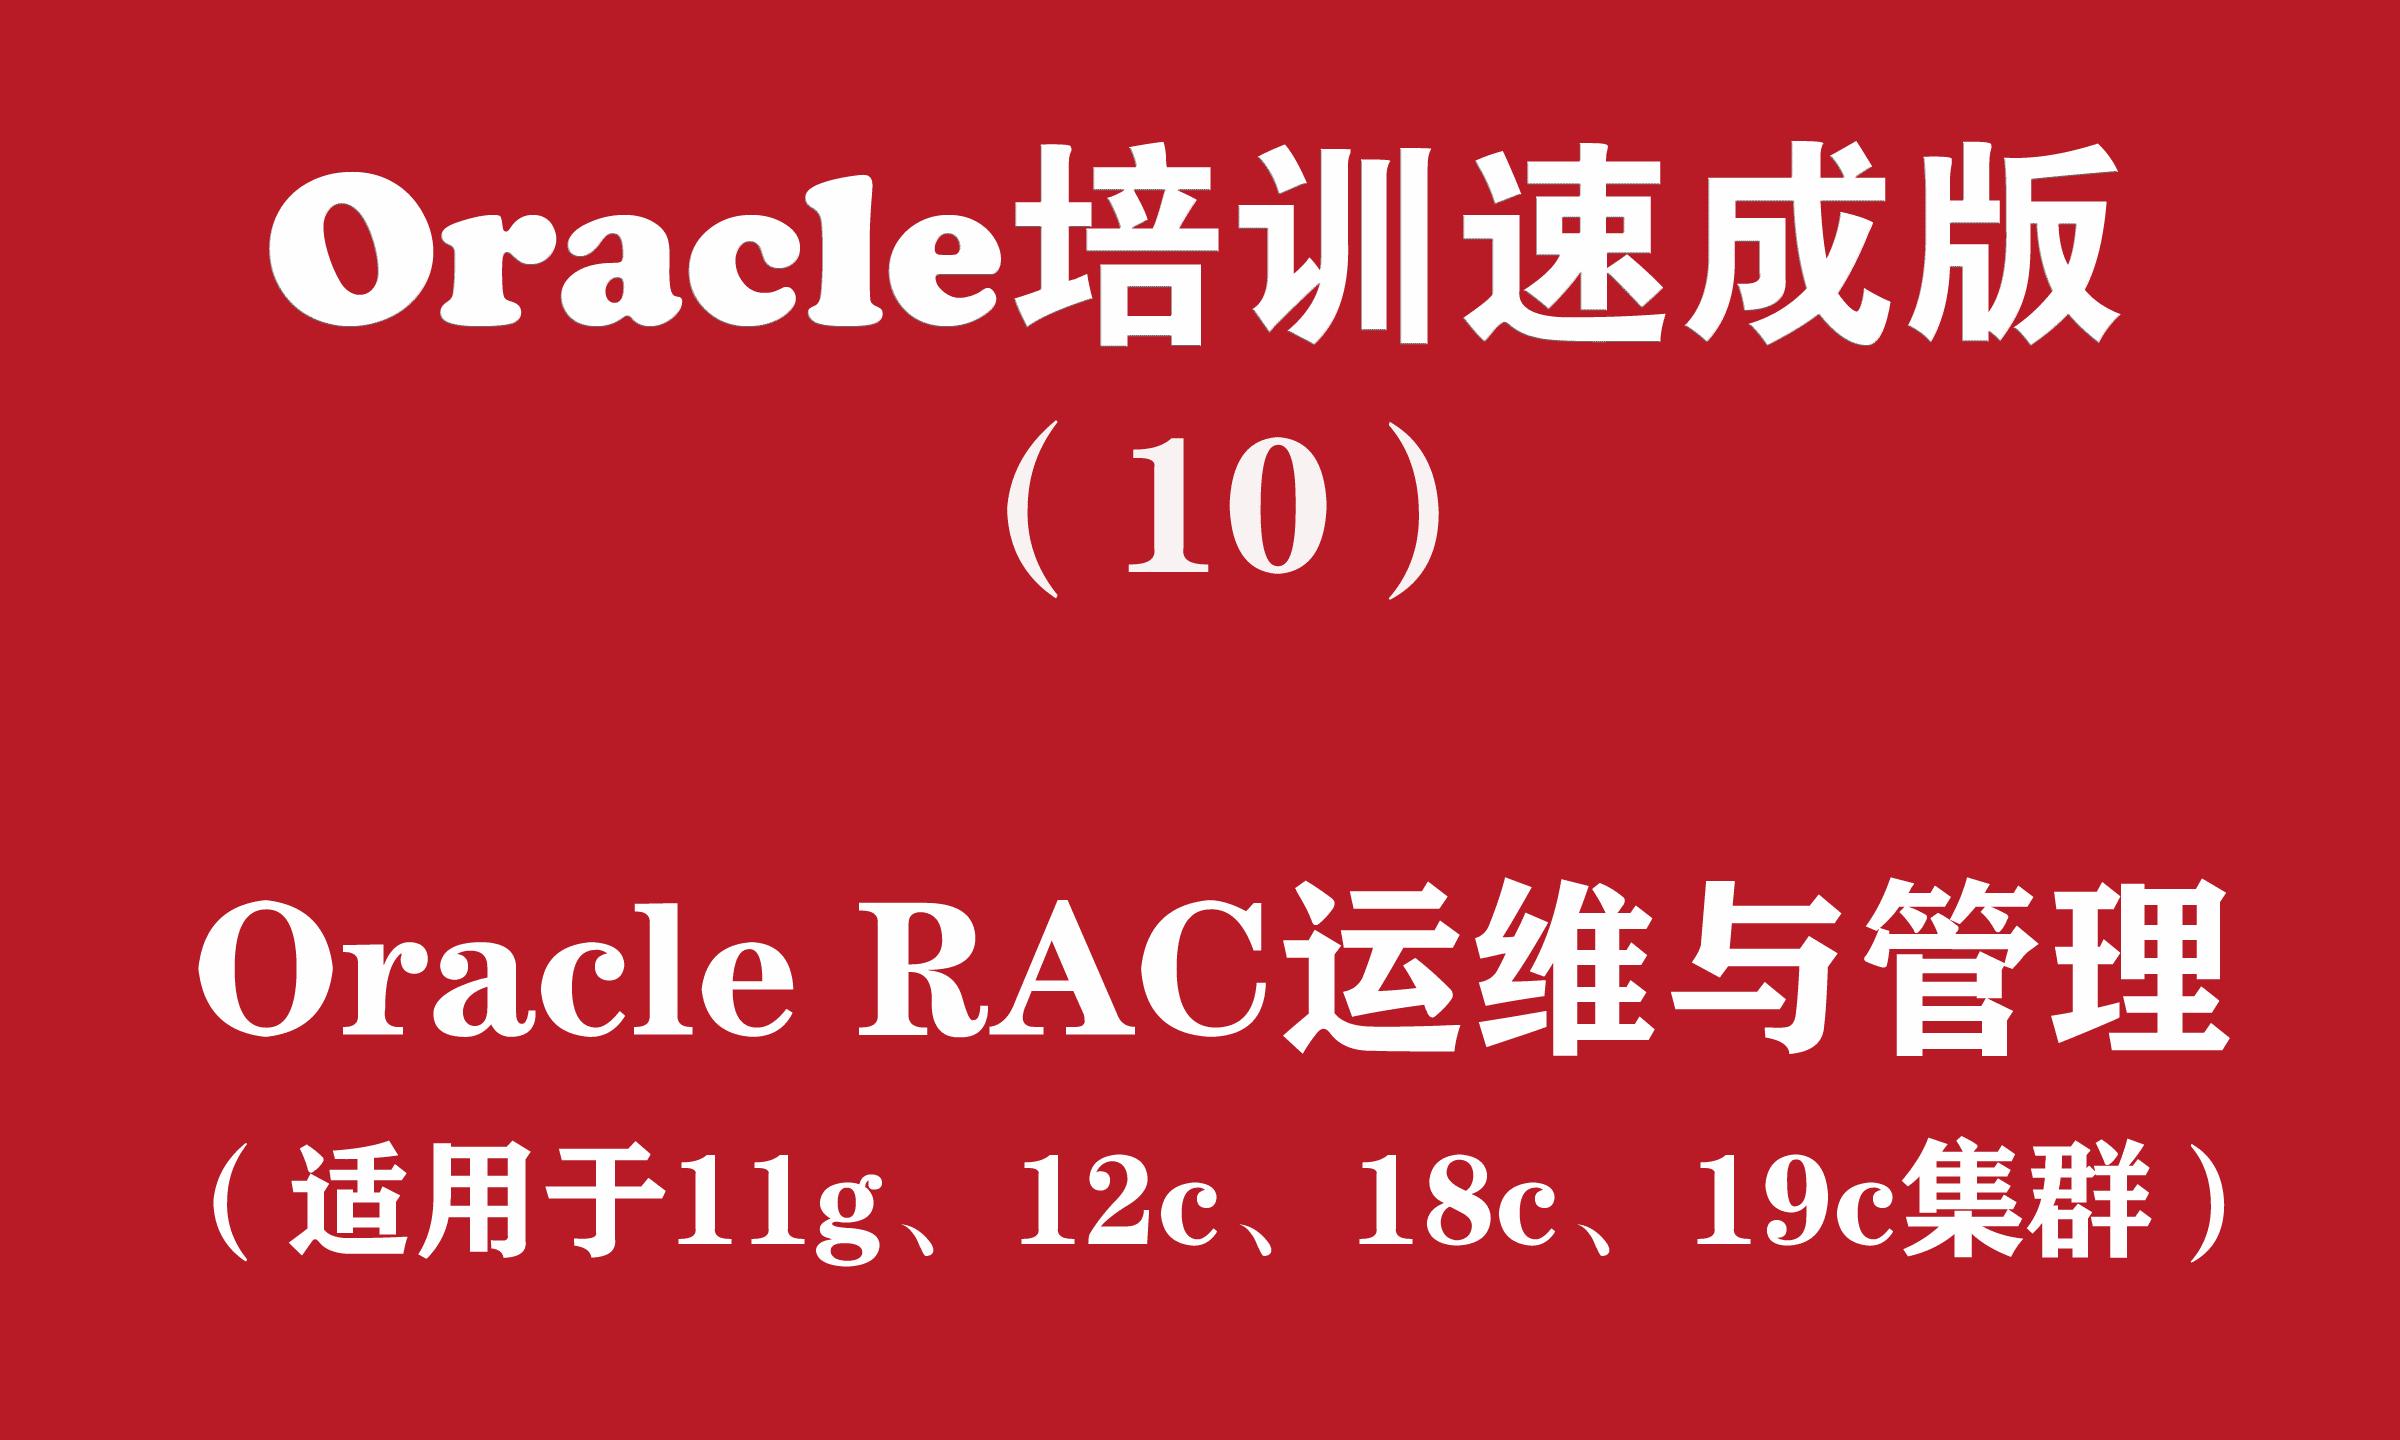 Oracle培训学习版(10):Oracle RAC集群日常运维与管理